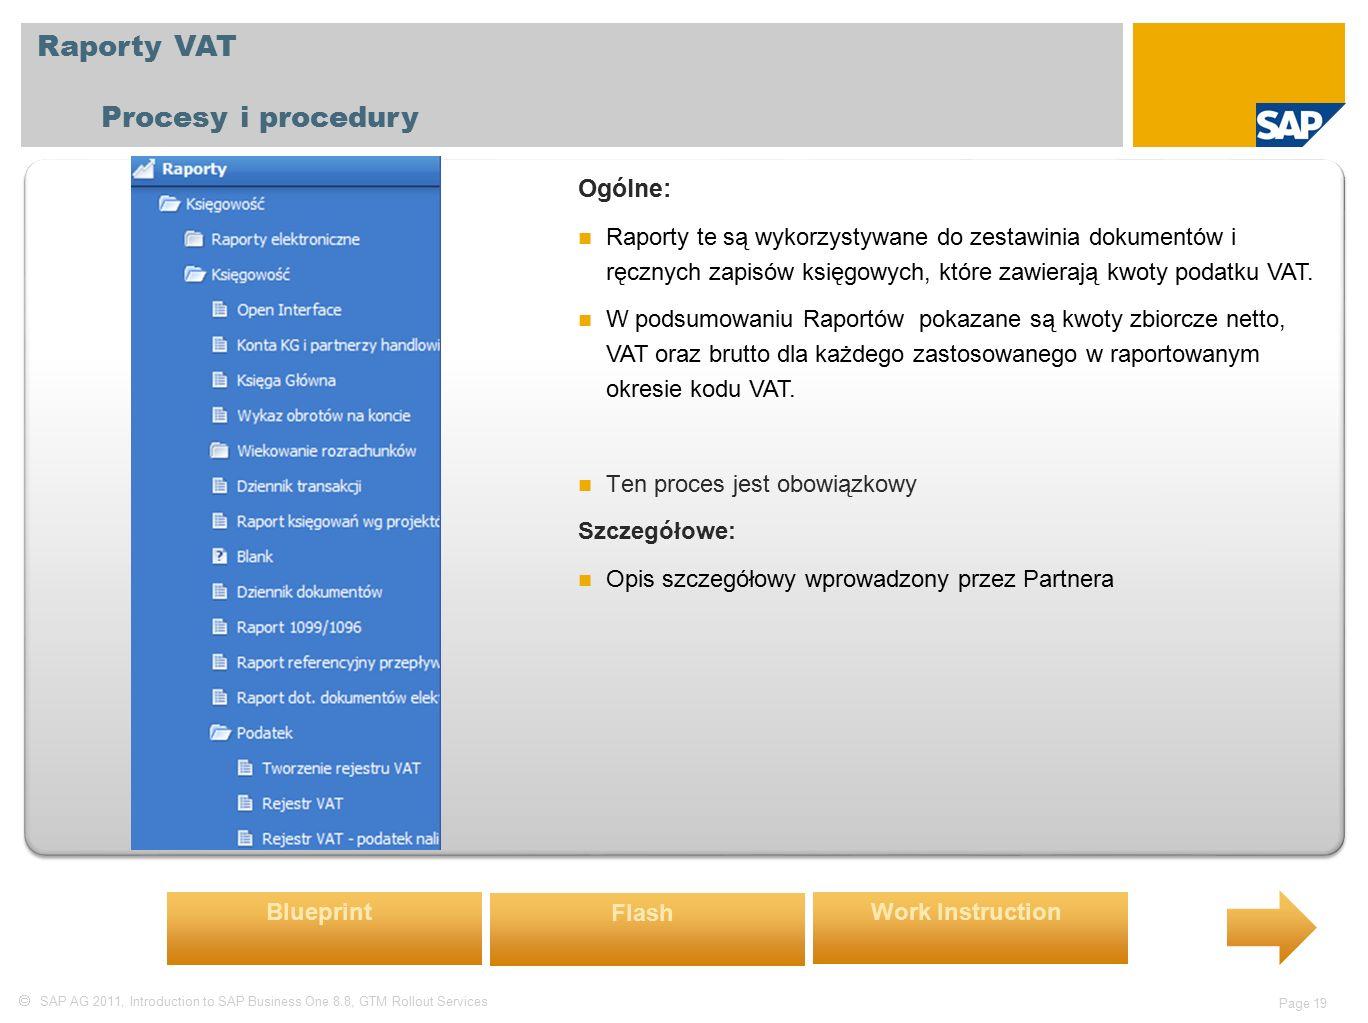  SAP AG 2011, Introduction to SAP Business One 8.8, GTM Rollout Services Page 19 Raporty VAT Procesy i procedury Ogólne: Raporty te są wykorzystywane do zestawinia dokumentów i ręcznych zapisów księgowych, które zawierają kwoty podatku VAT.